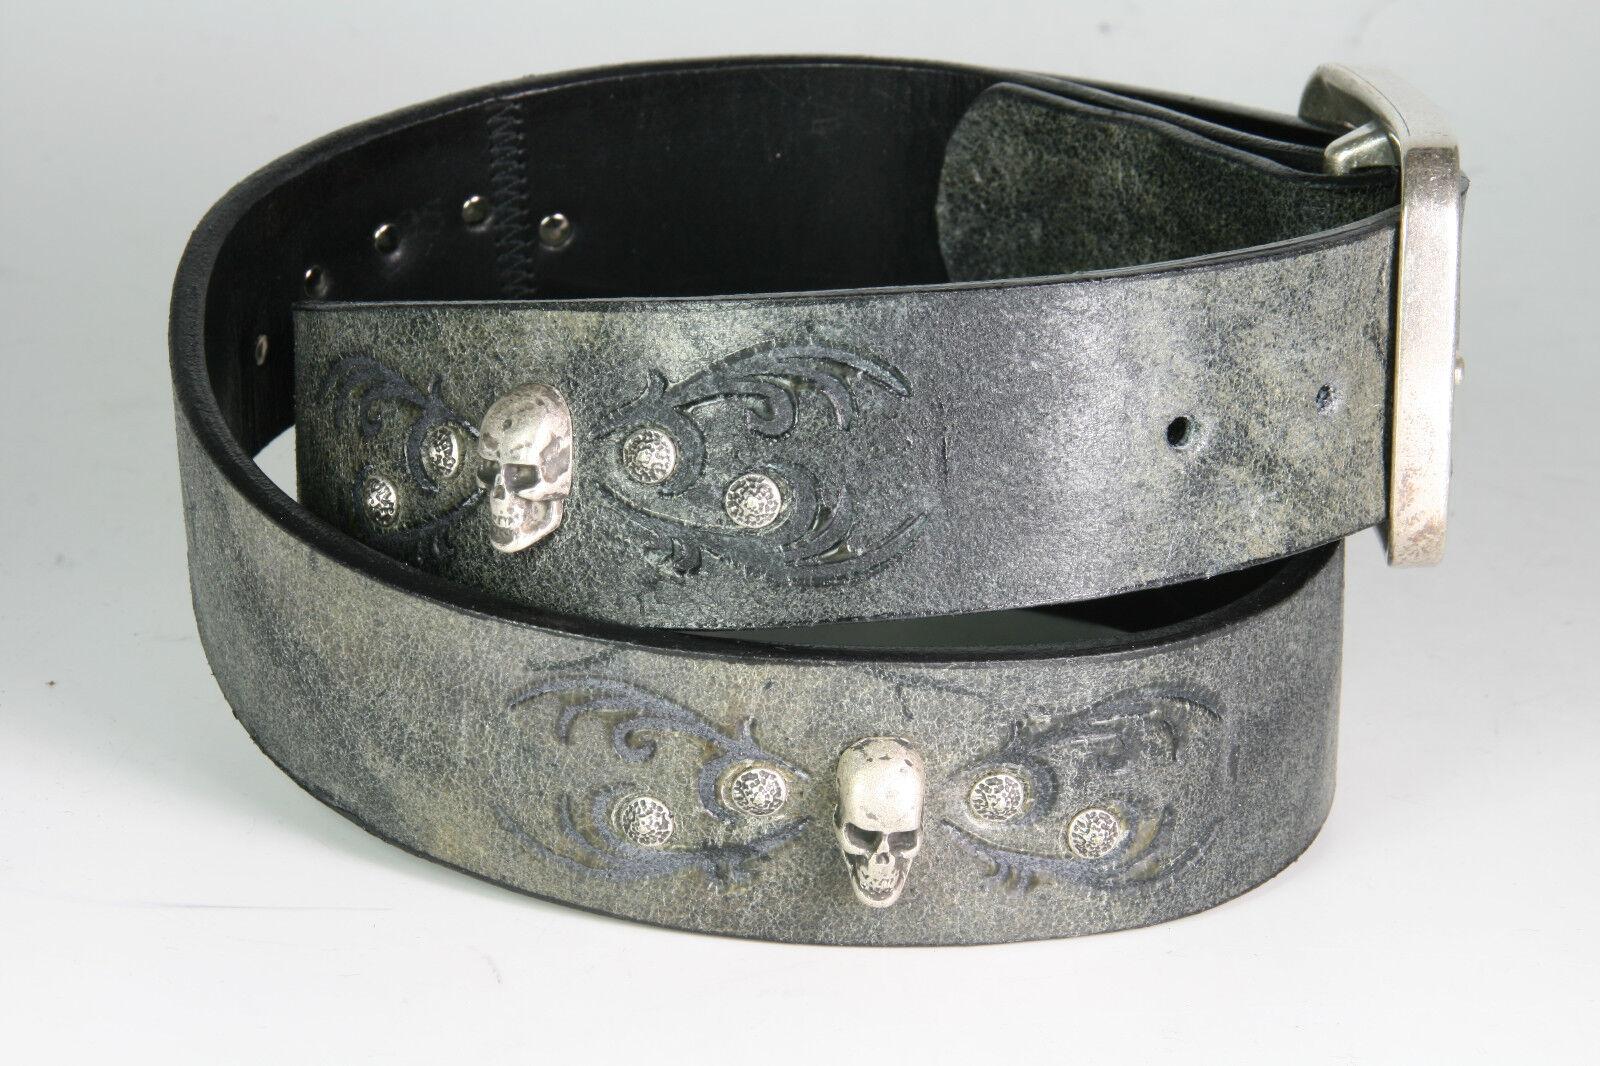 1021 Sendra Gürtel Barbados Negro skulls Handarbeit Wechselgürtel